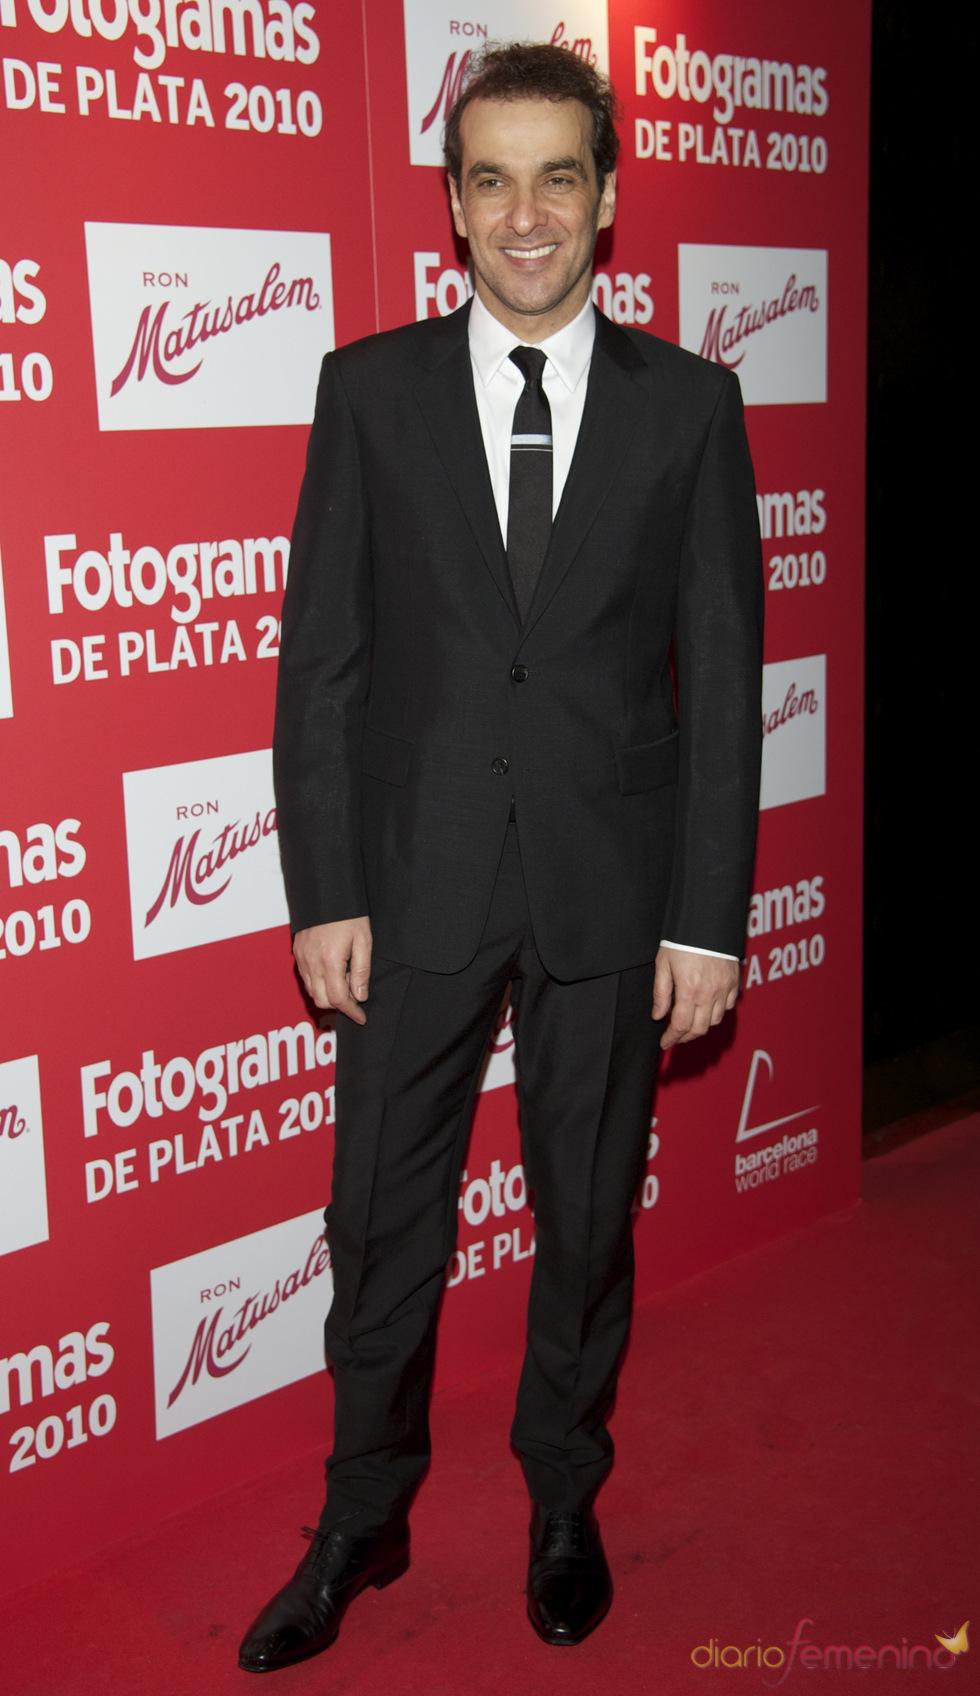 Luis Merlo en los Premios Fotogramas de Plata 2010